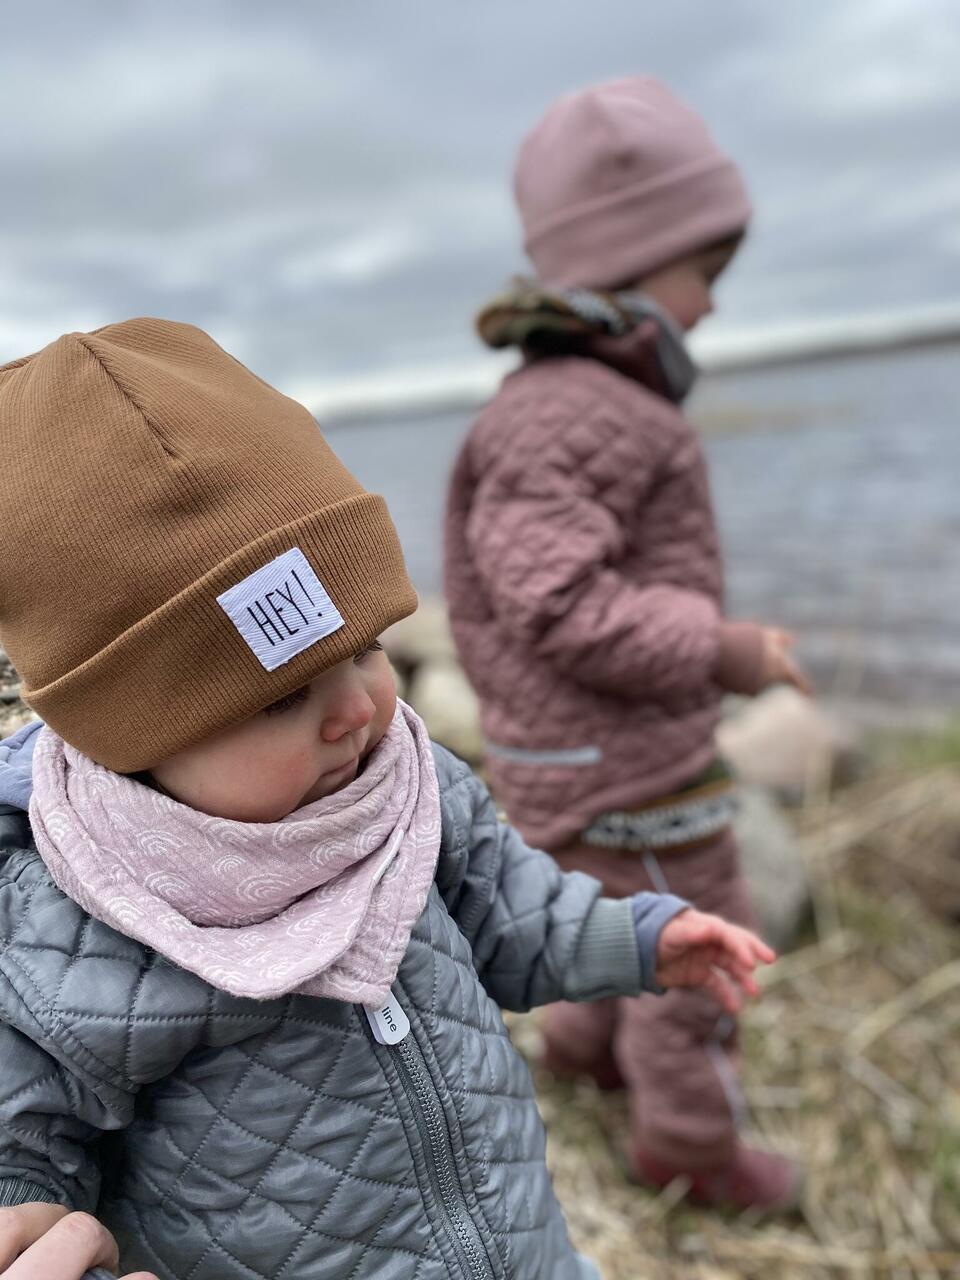 Müts ja sall on Eesti oma Jaimal Kids ja Luulu, aga sellest hiljem.